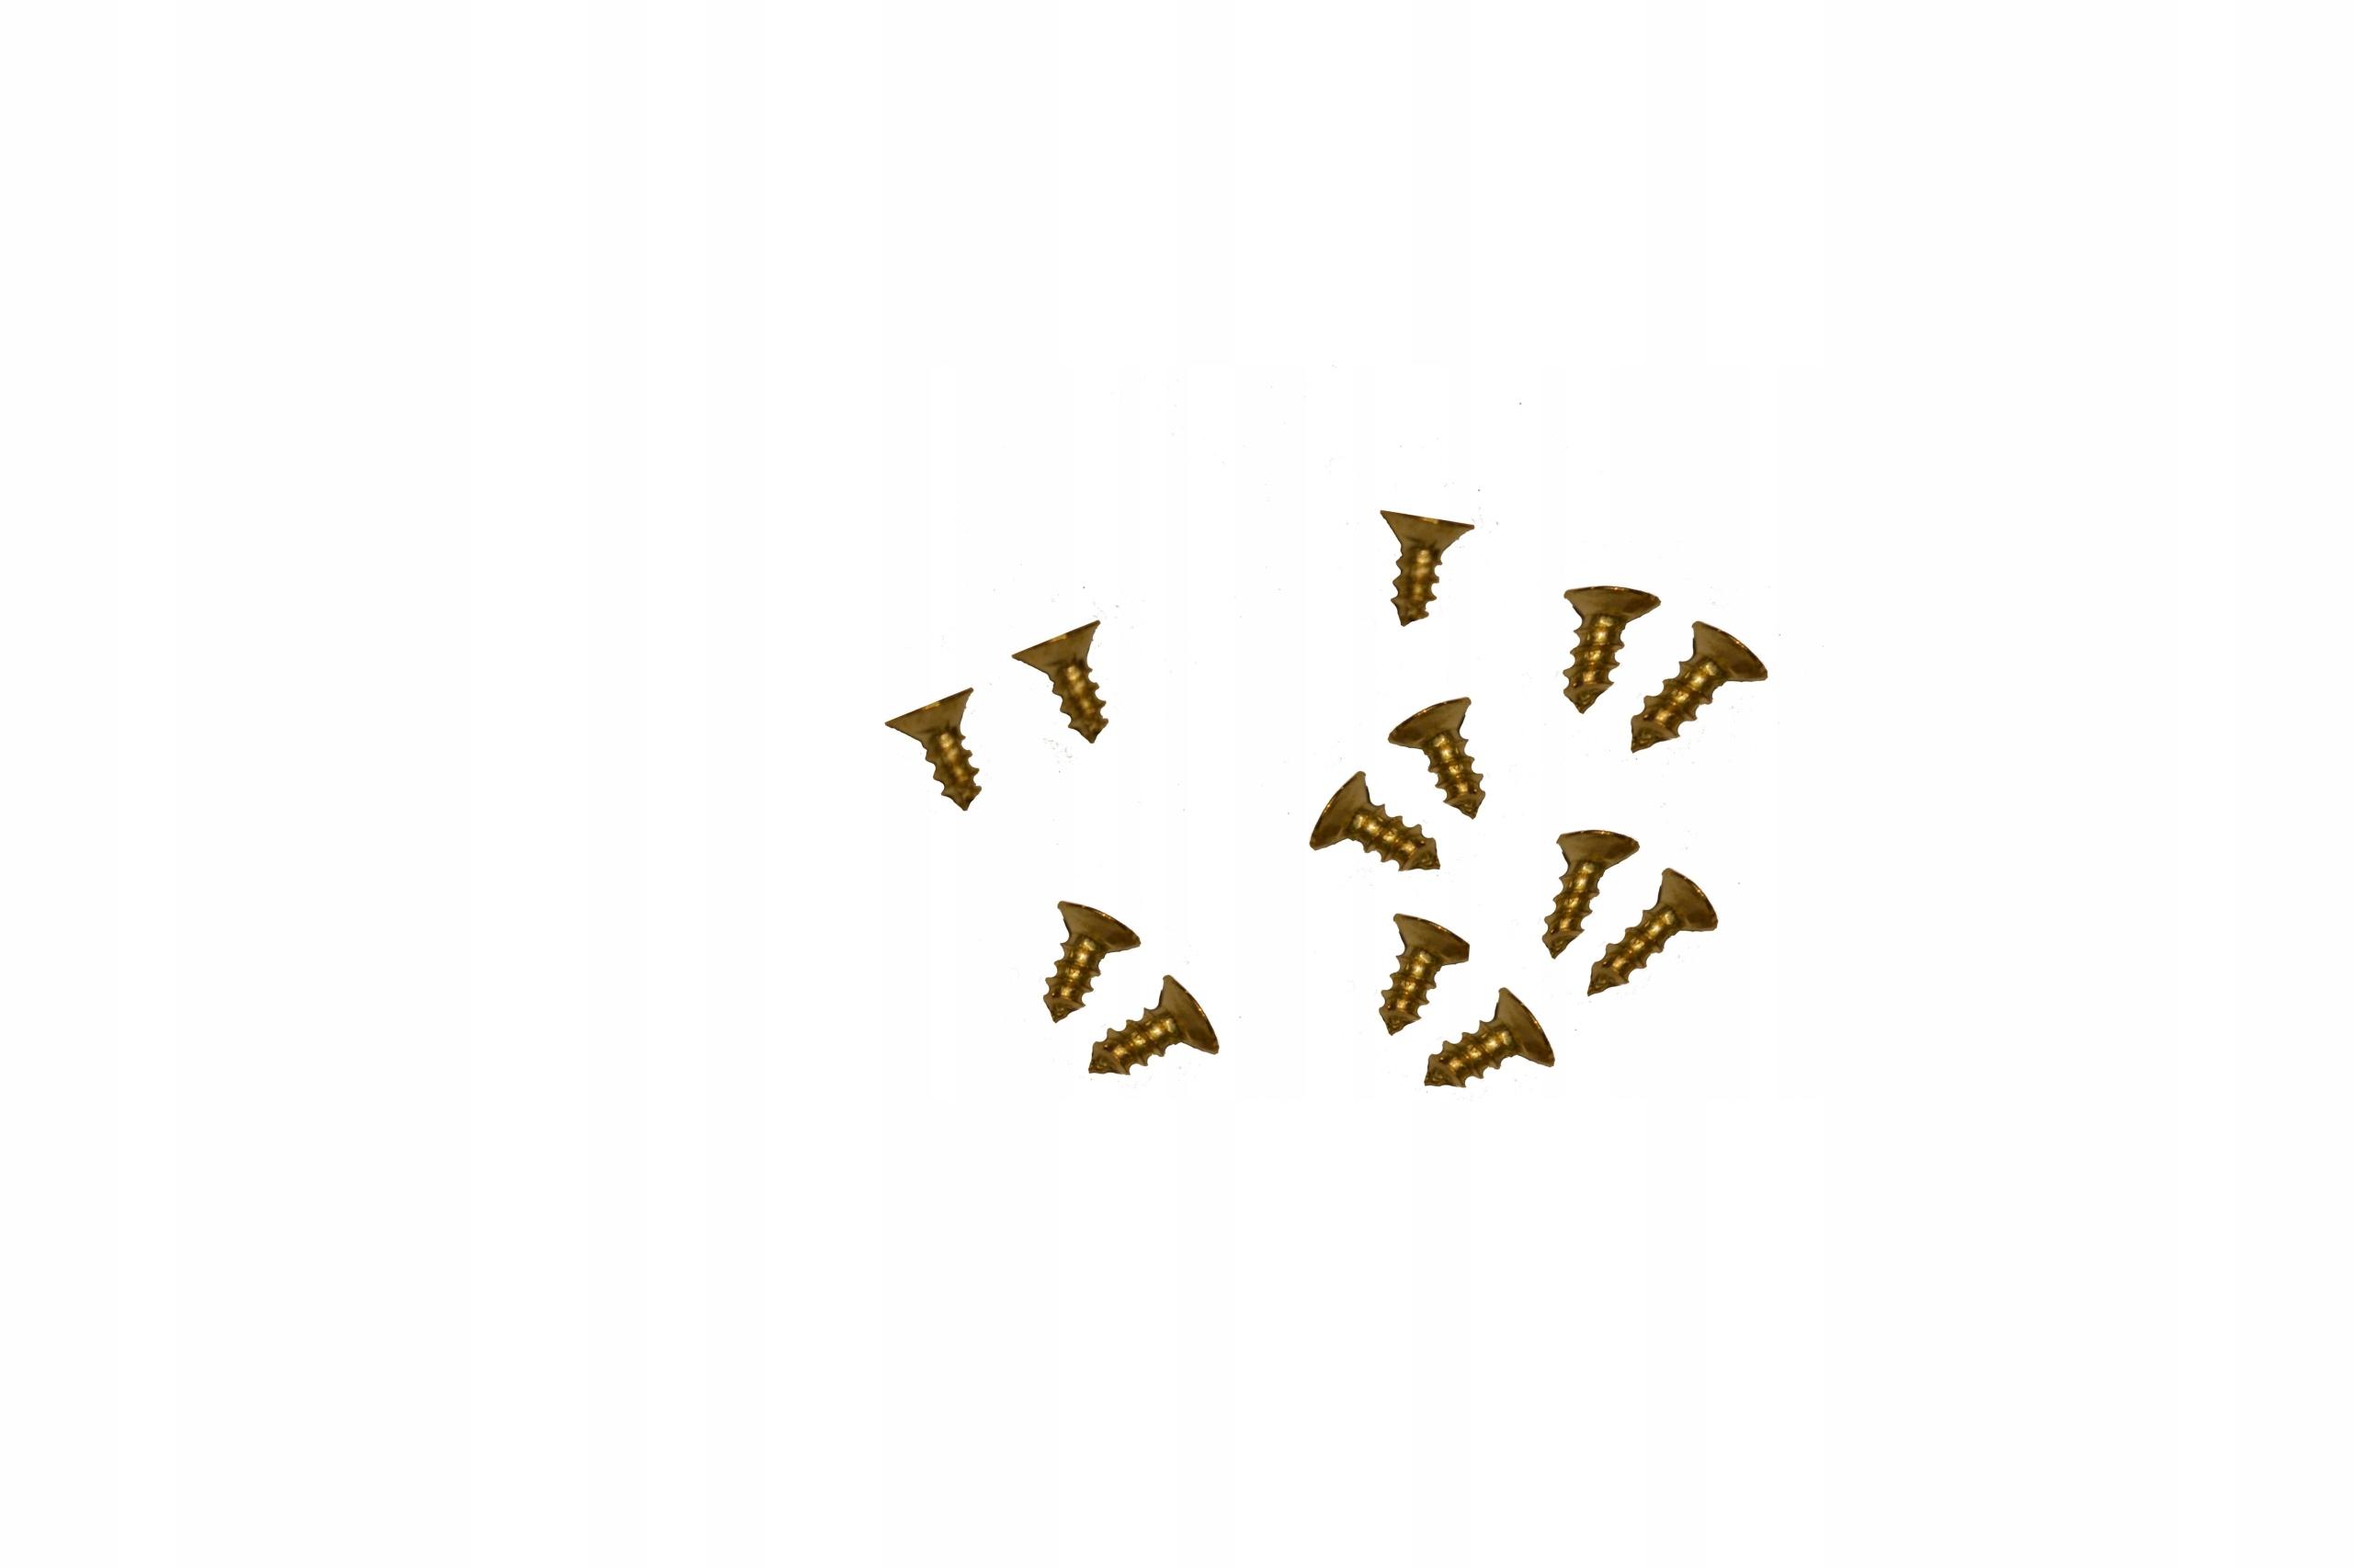 Wkręty małe wkręt 6mm 0,6cm złote złoto